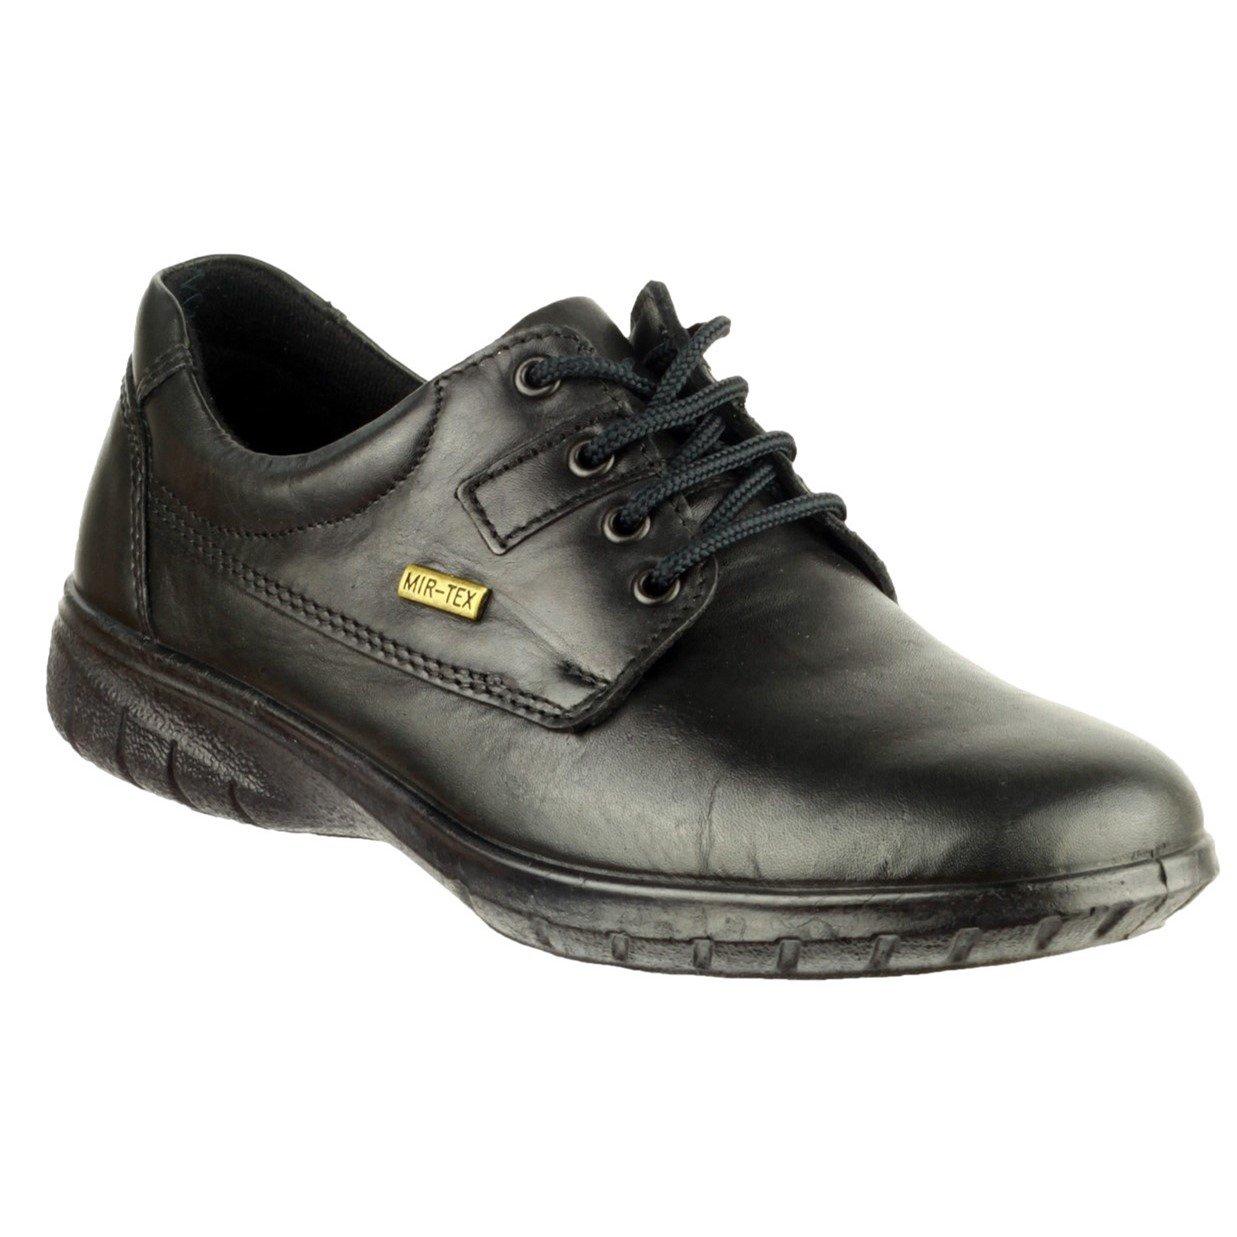 Cotswold Women's Ruscombe Waterproof Shoe Black 32982 - Black 6